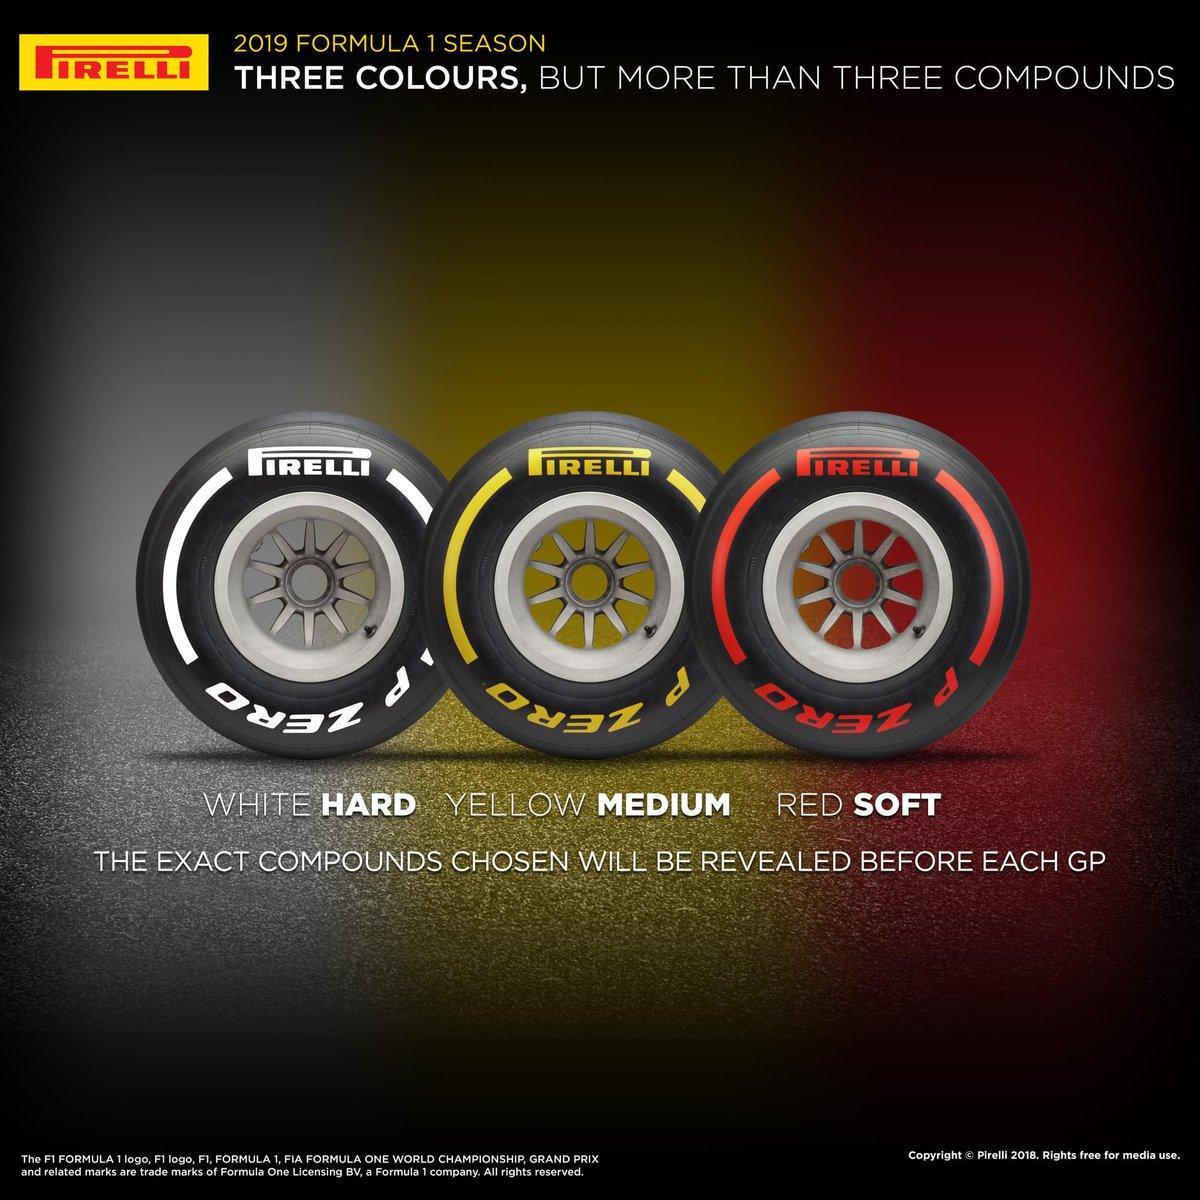 Пирелли презентовала в Остине новую маркировку шин для F1